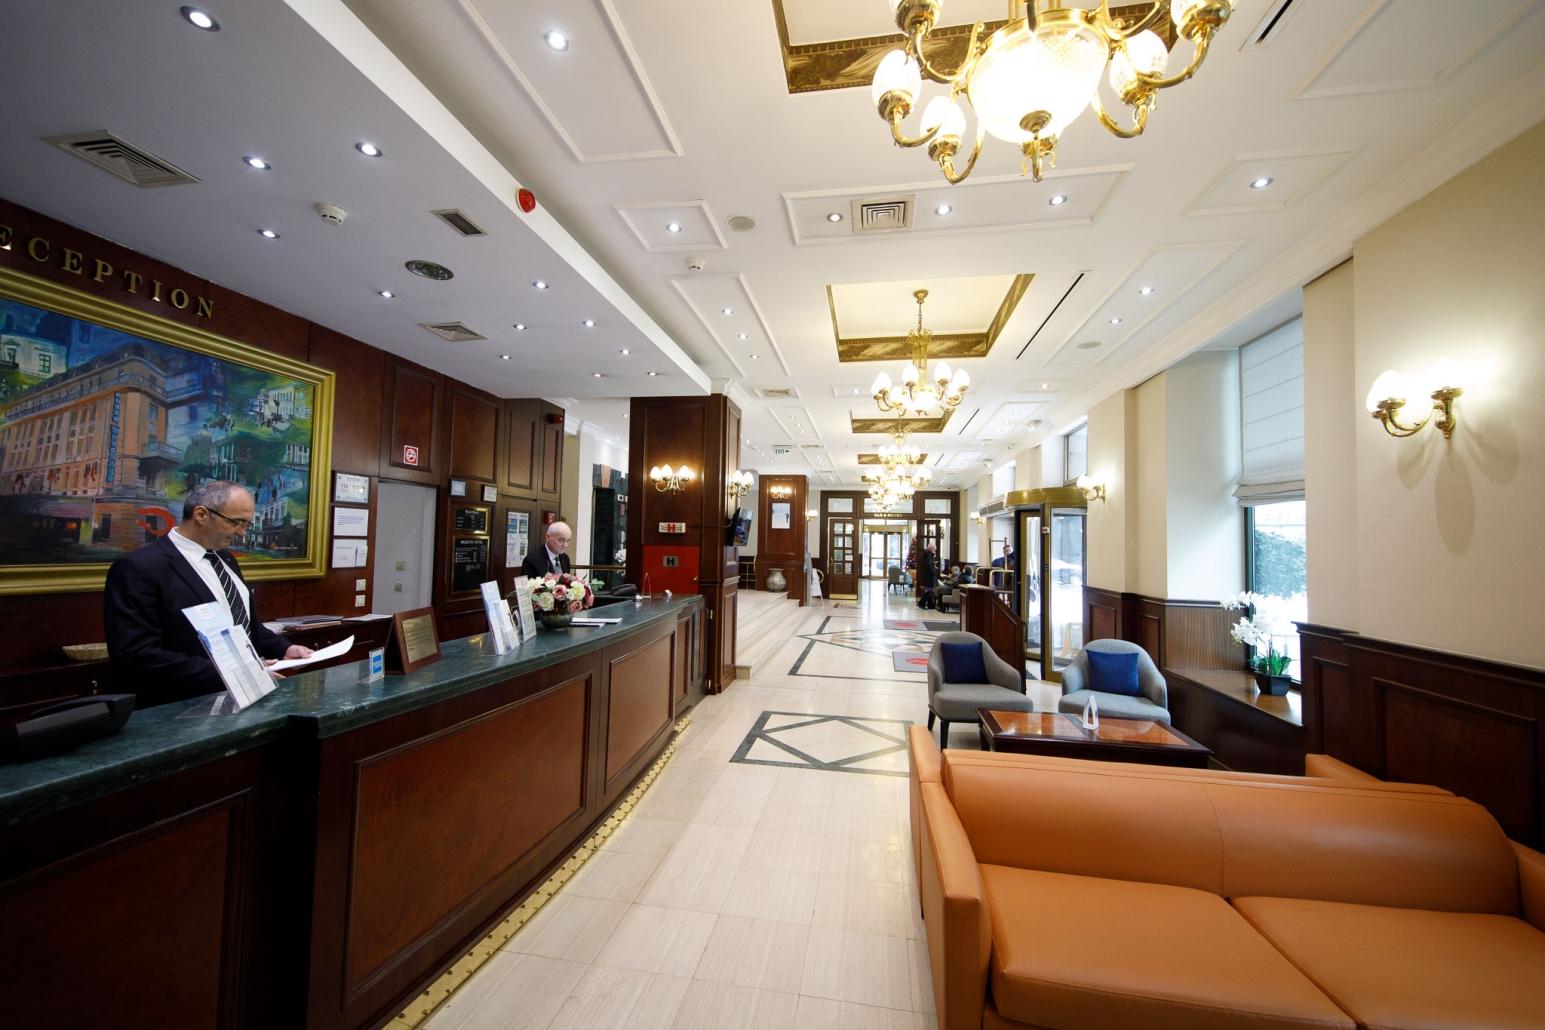 Foto prezentare hotel